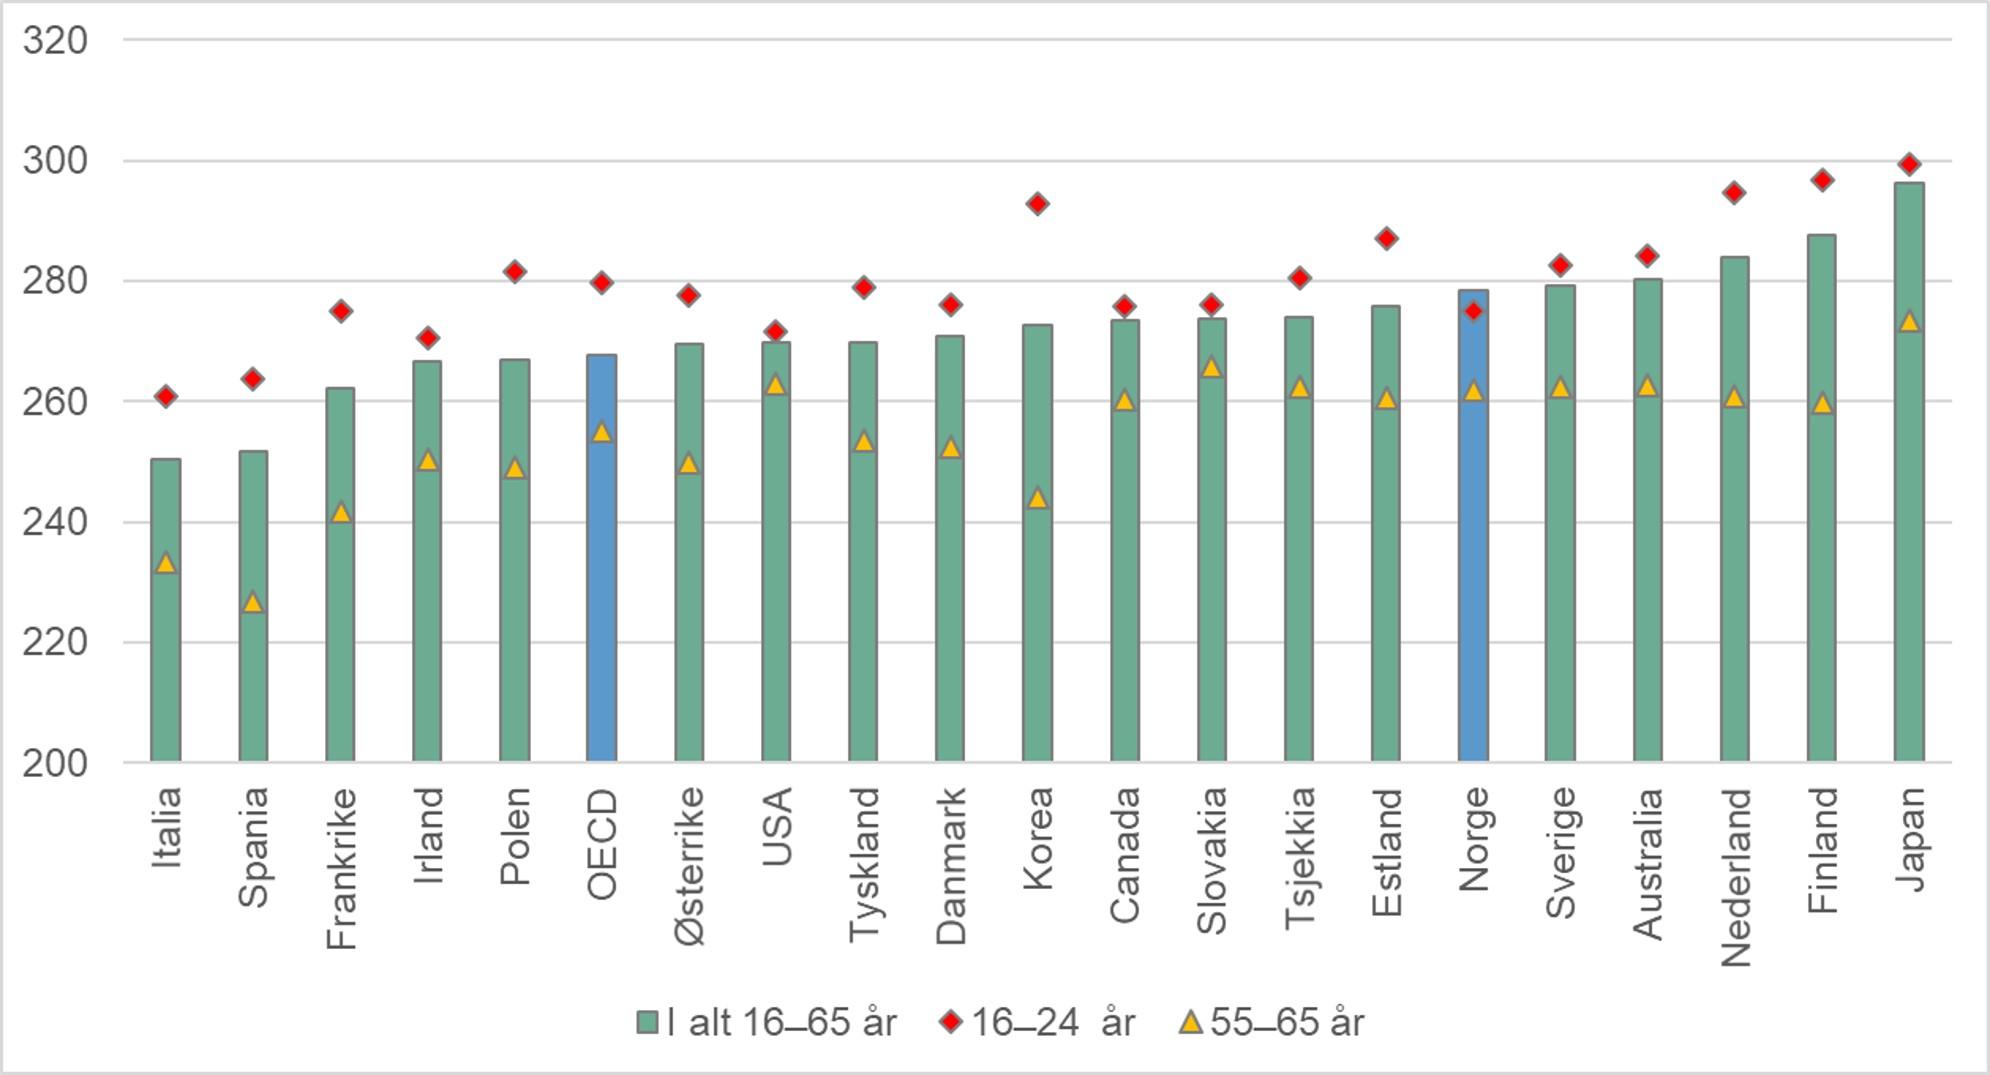 Gjennomsnittlig skår på leseferdigheter for befolkningen i alderen 16 - 65 år. 2012